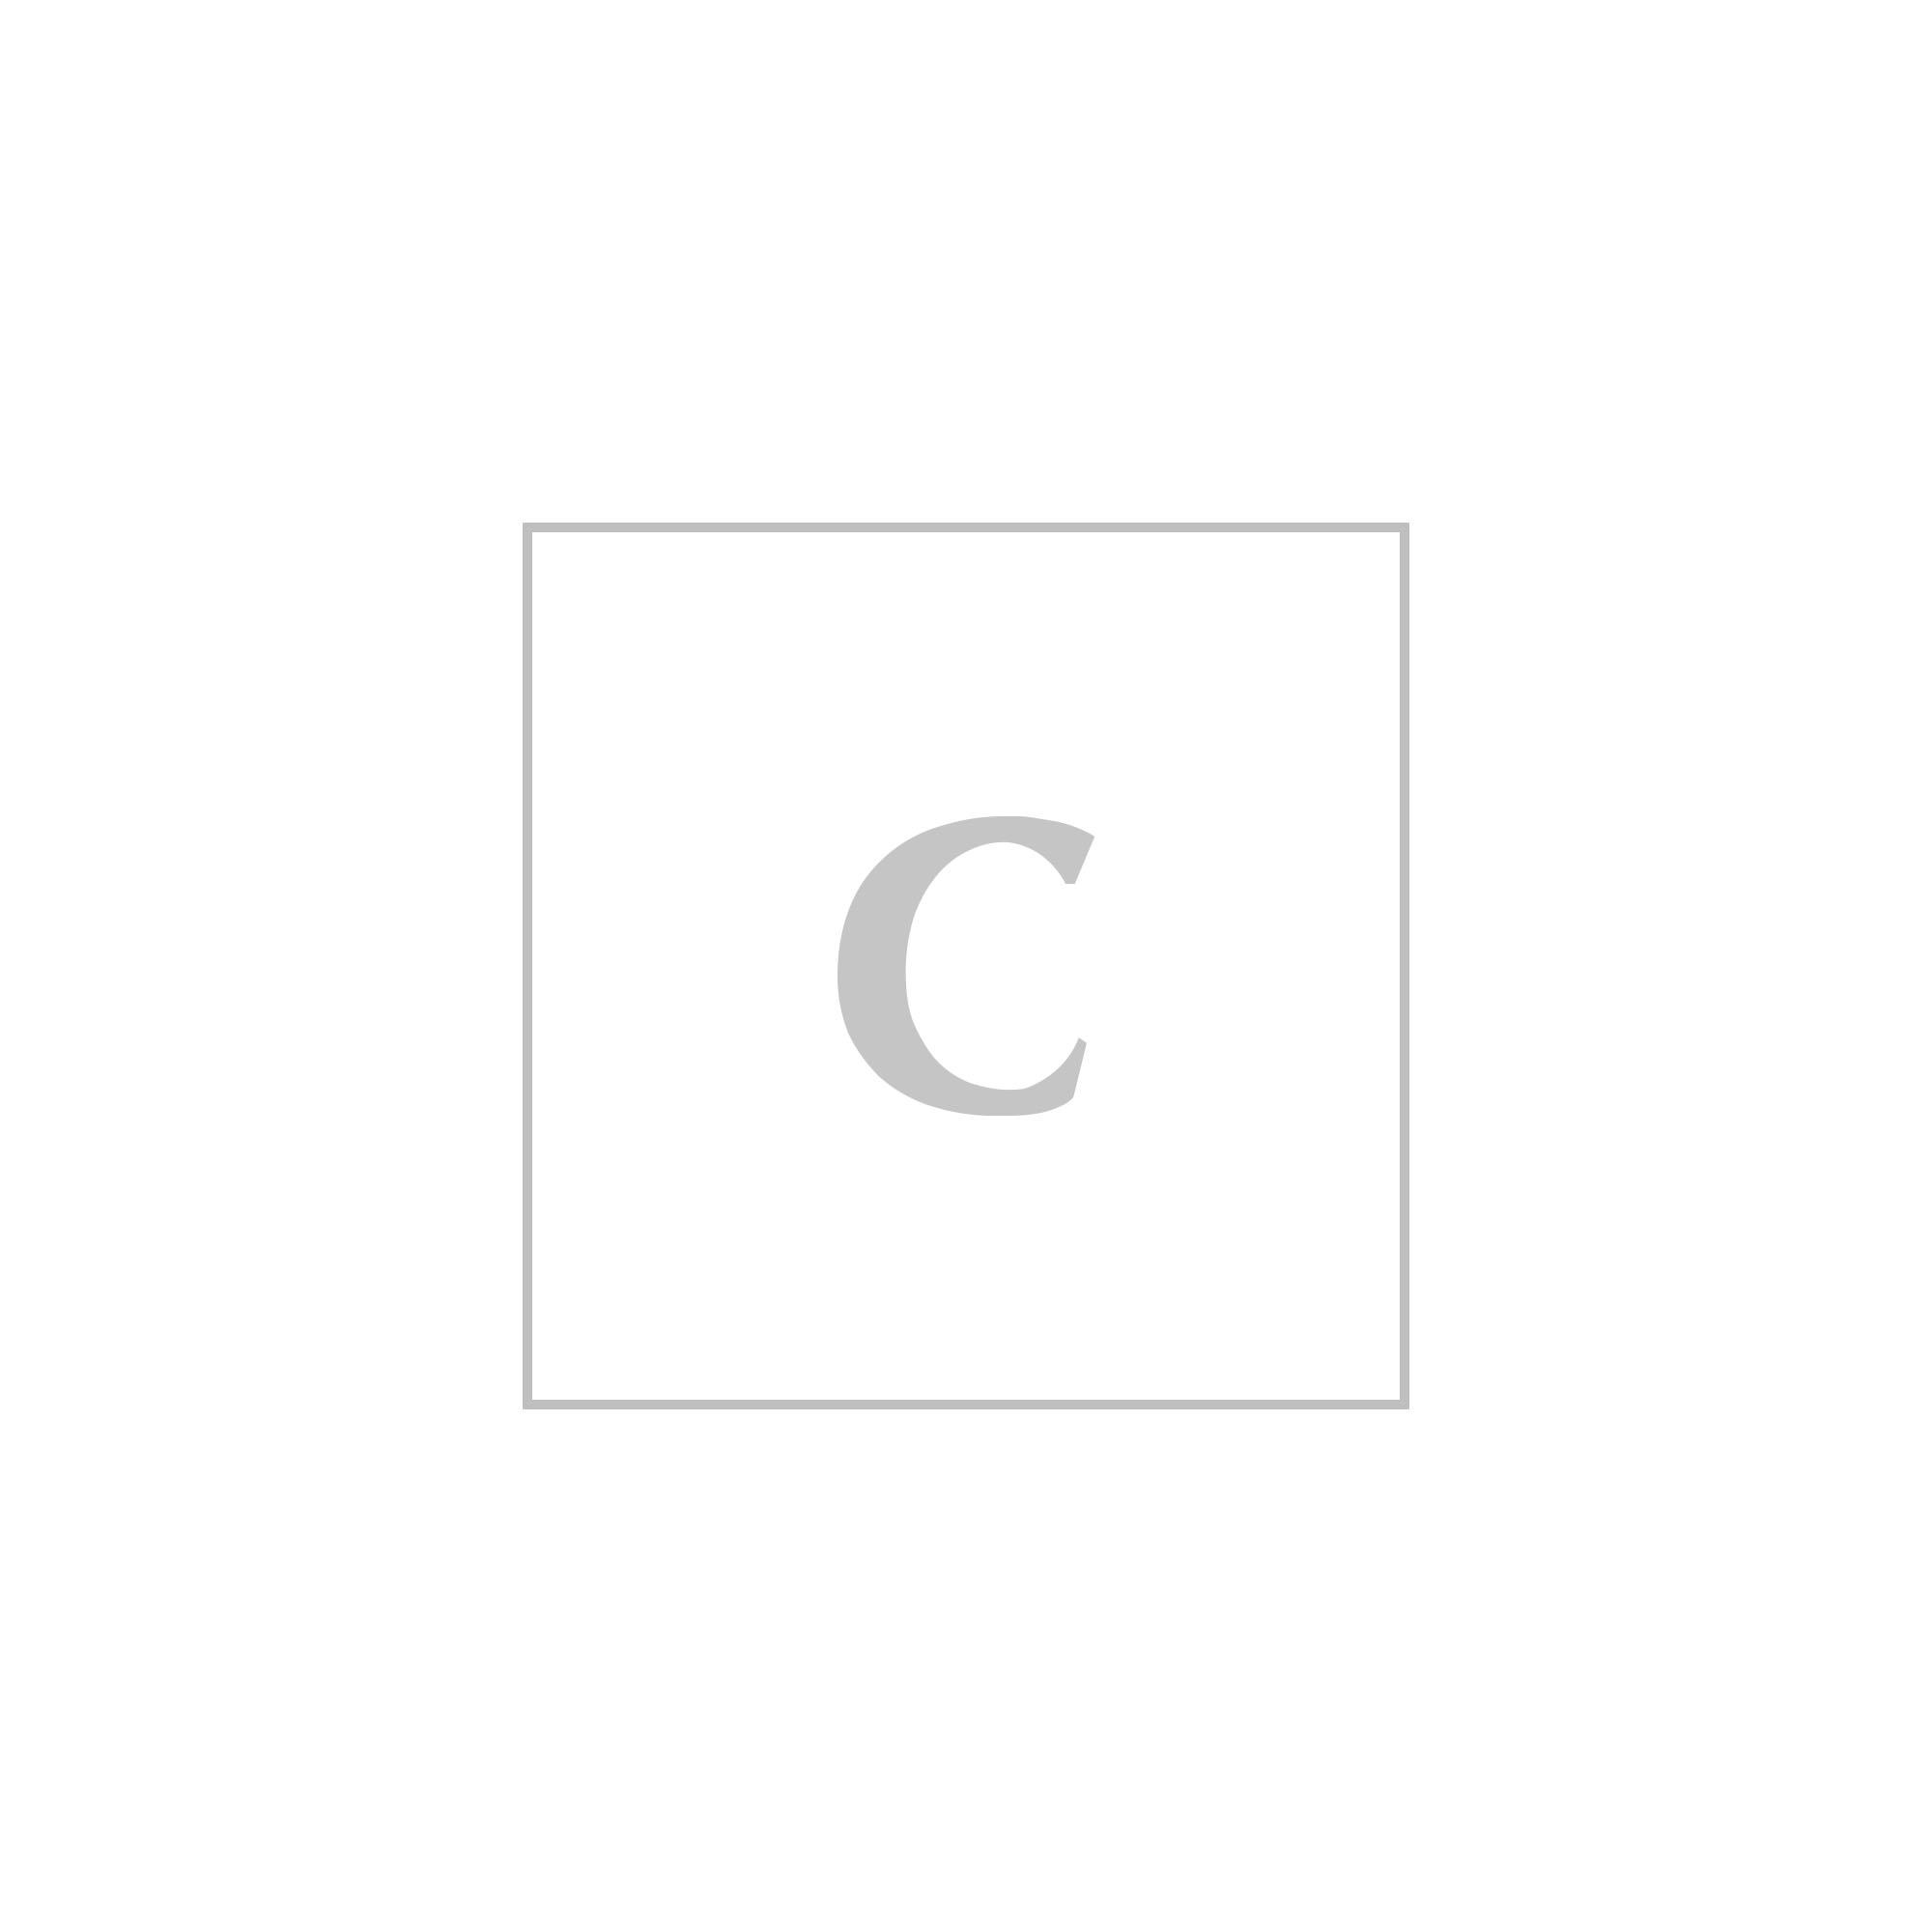 Bottega veneta intrecciato document case